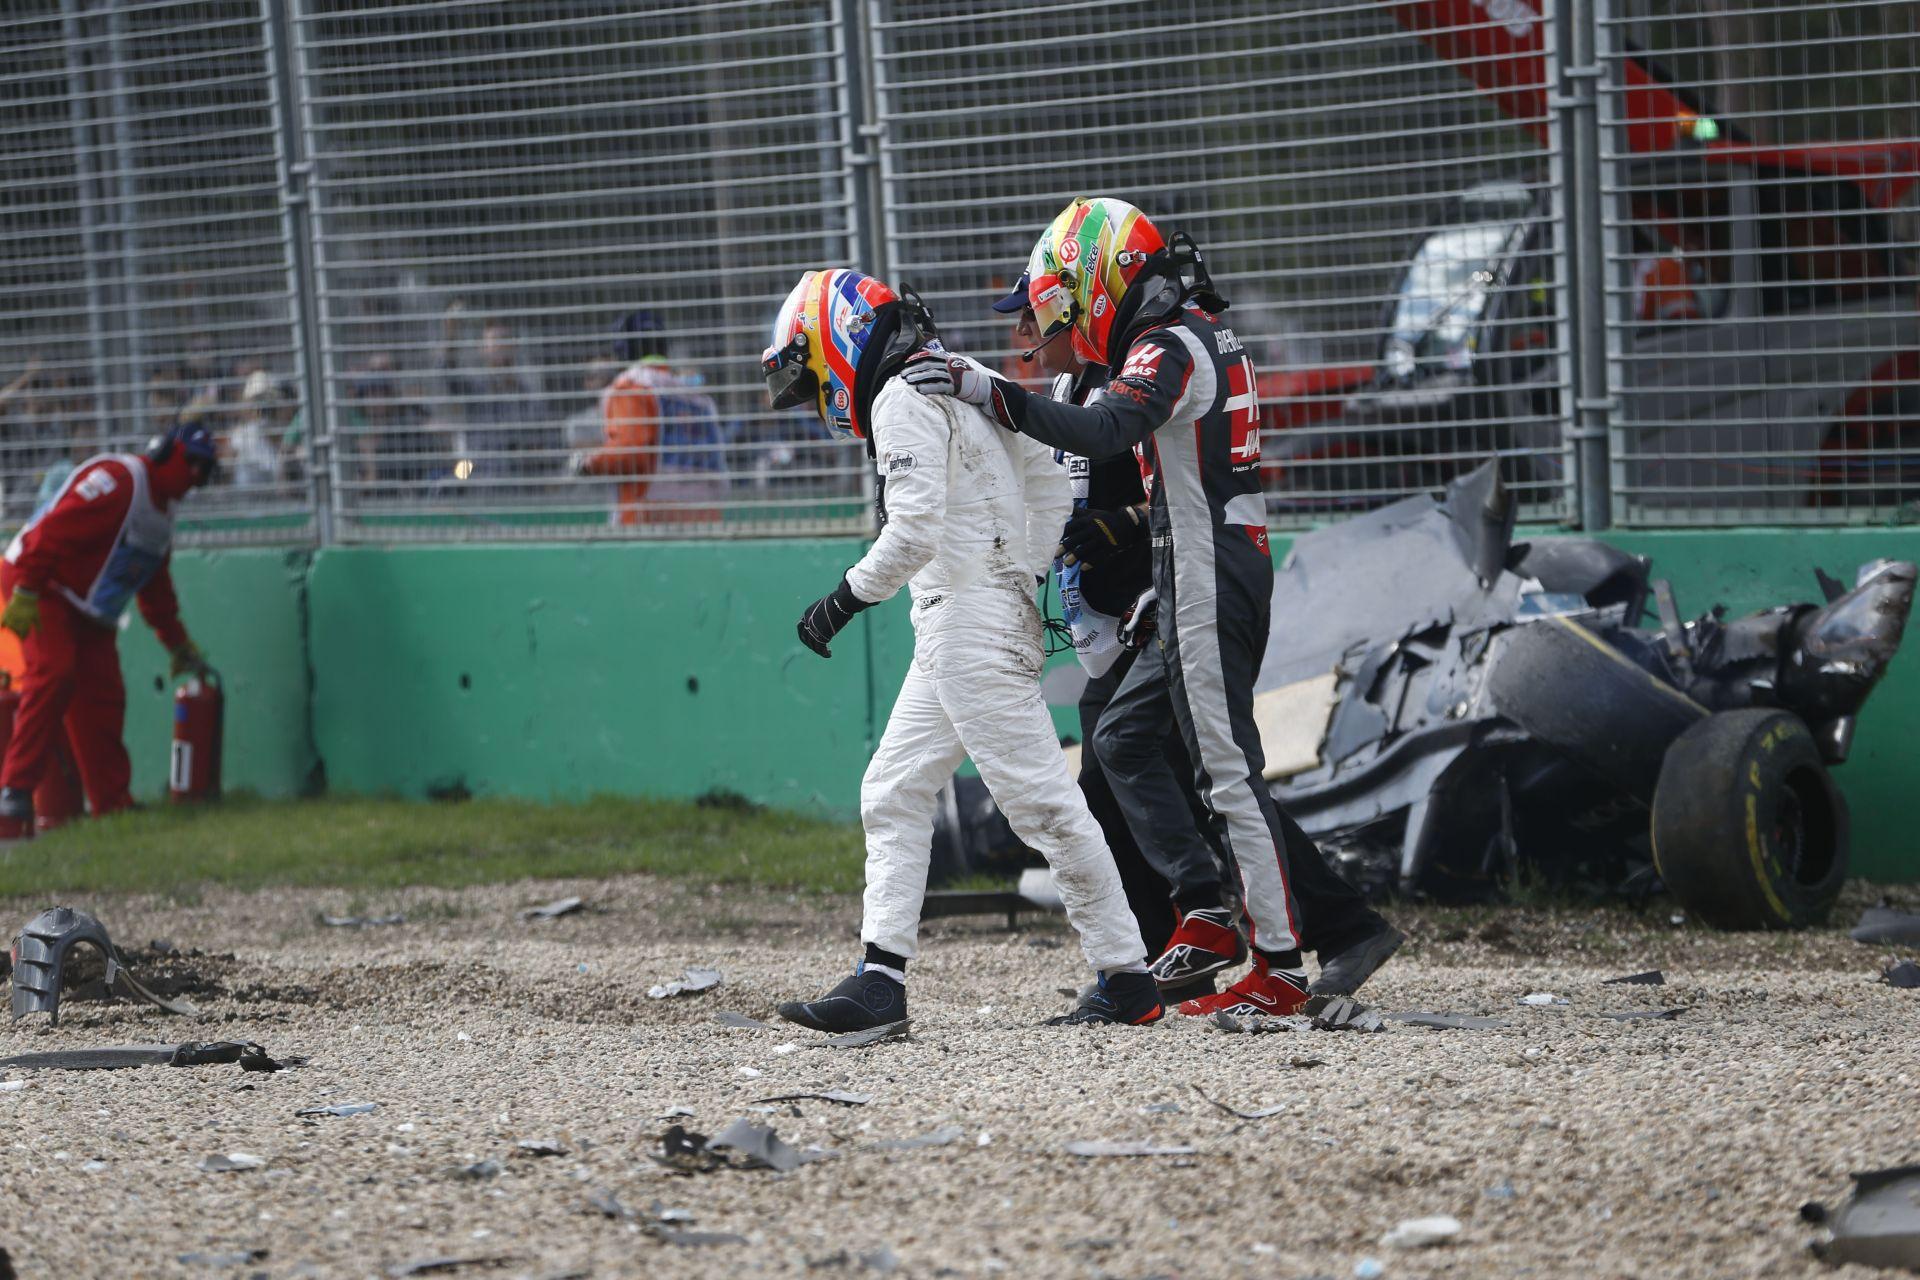 Irvine szerint Alonso balesete nem volt olyan nagy ügy!